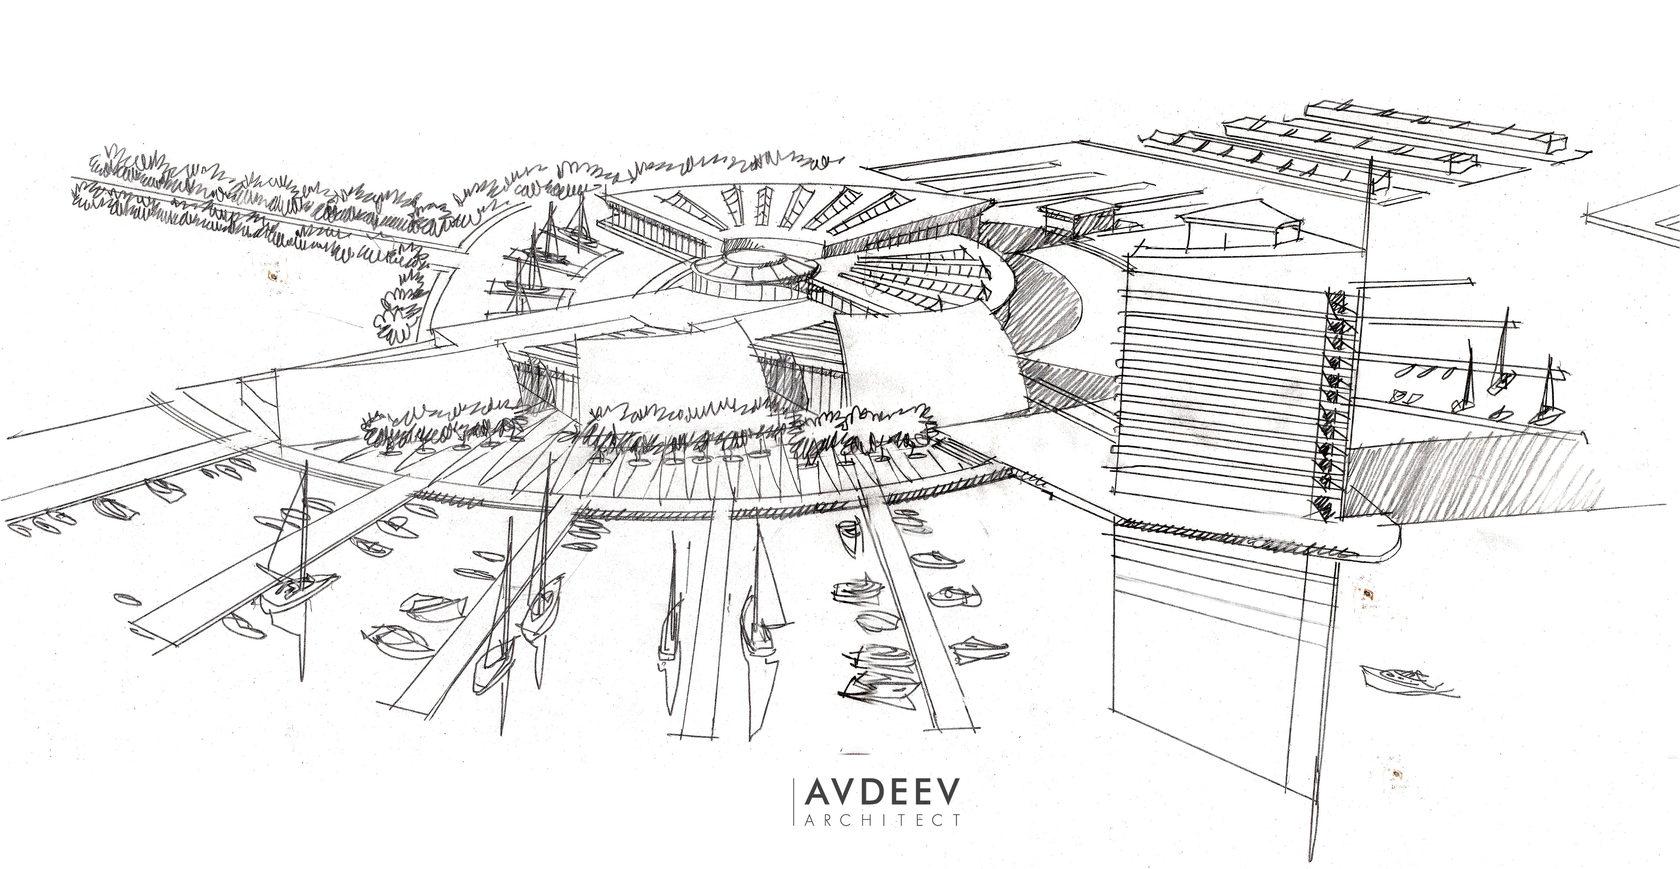 дизайн-эскиз центра парусного спорта студия AVDEEV ARCHITECT